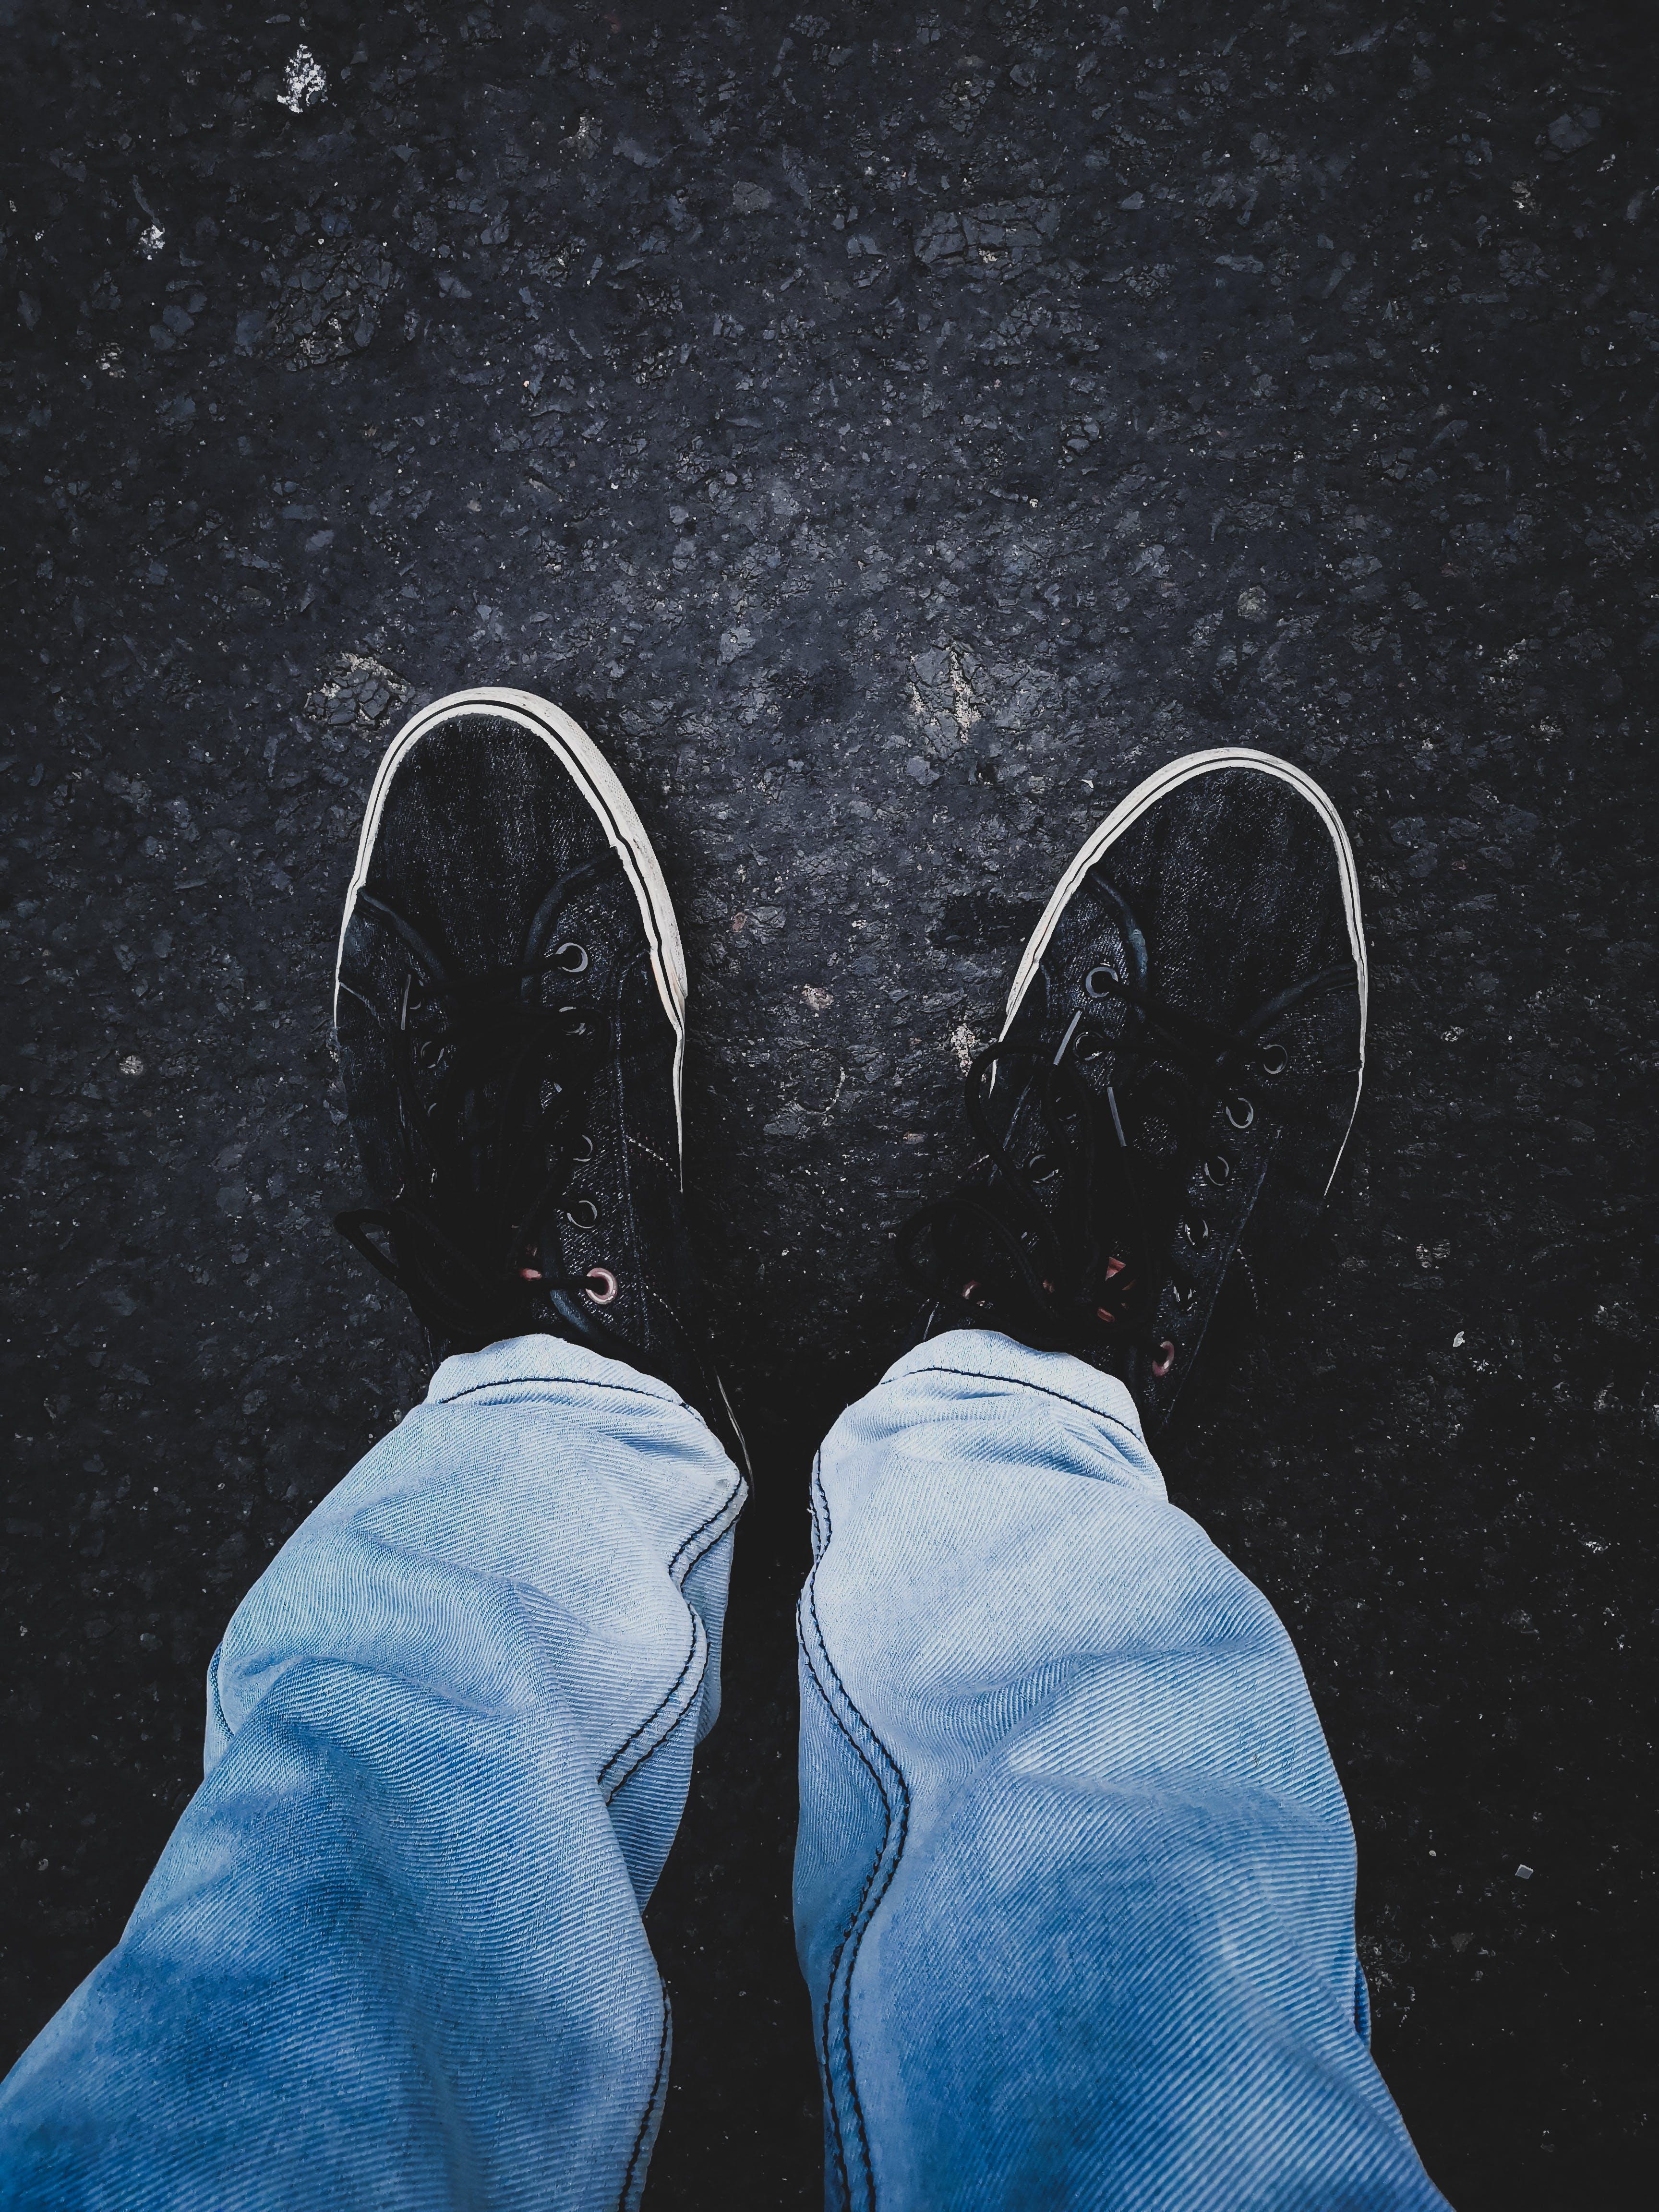 Gratis lagerfoto af bukser, fod, fodtøj, mode